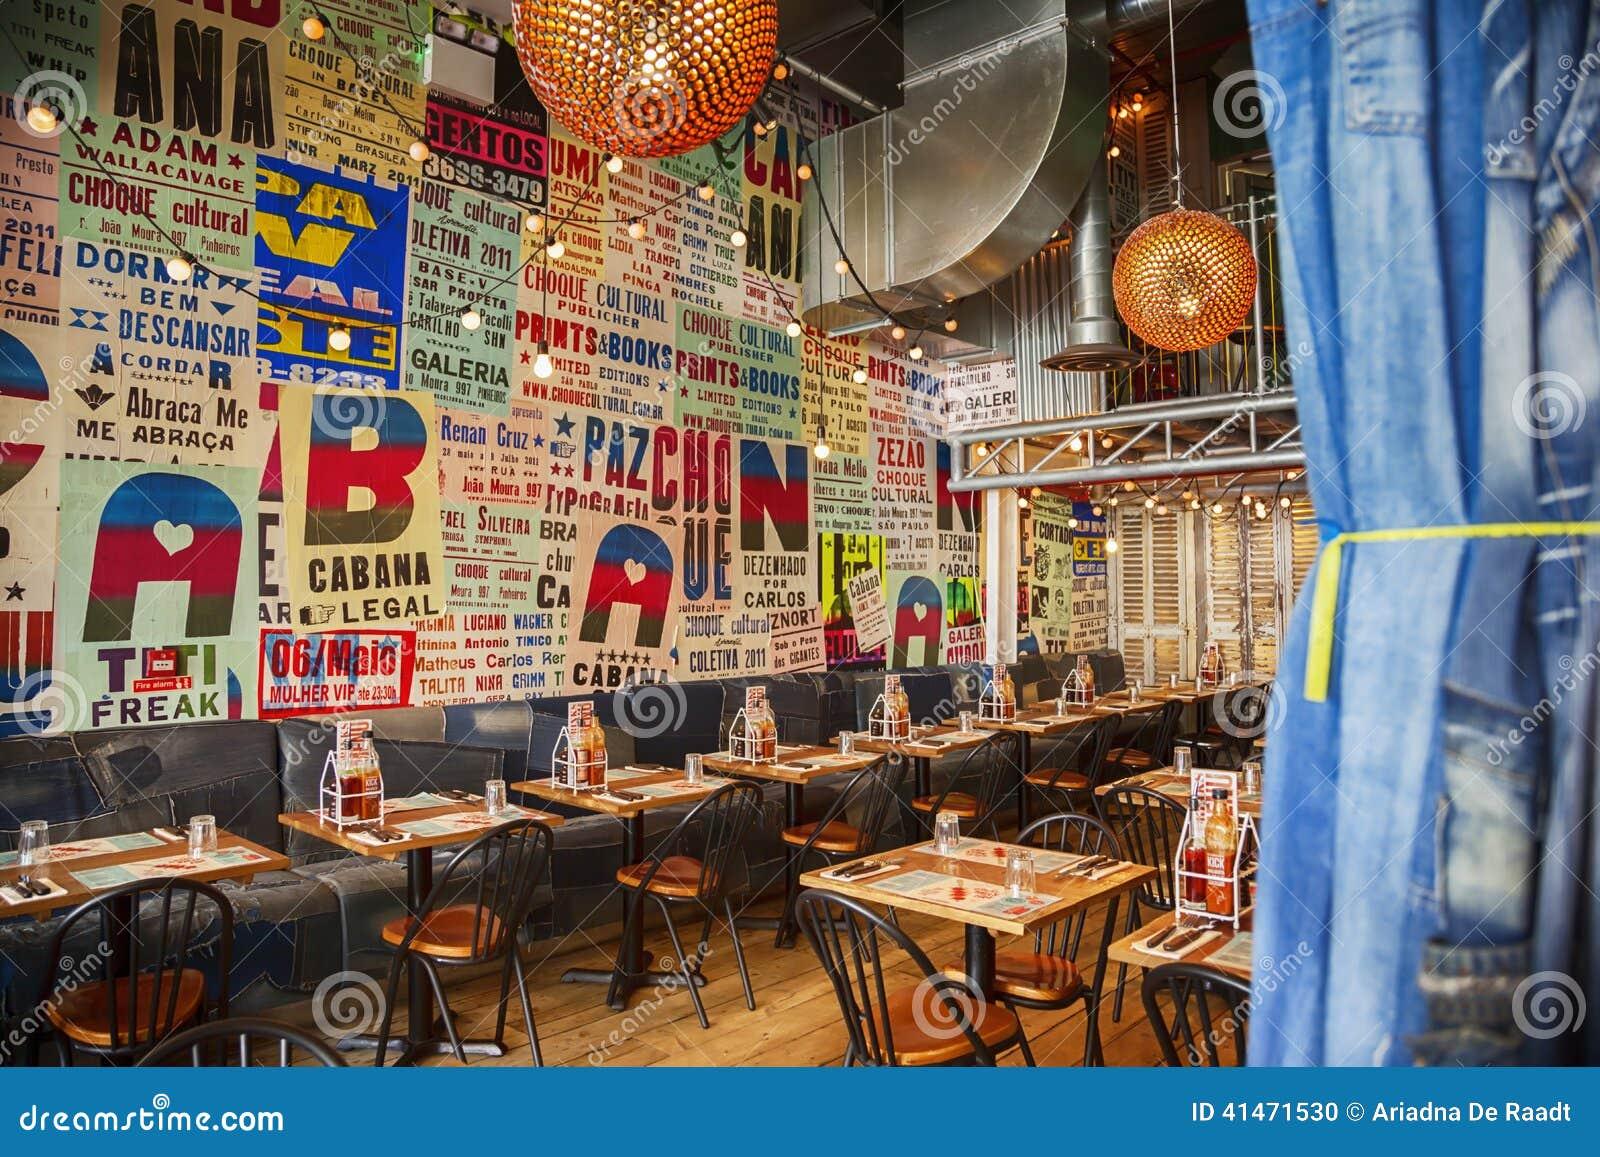 Restaurante mexicano en estilo contempor neo imagen for Muebles estilo mexicano contemporaneo